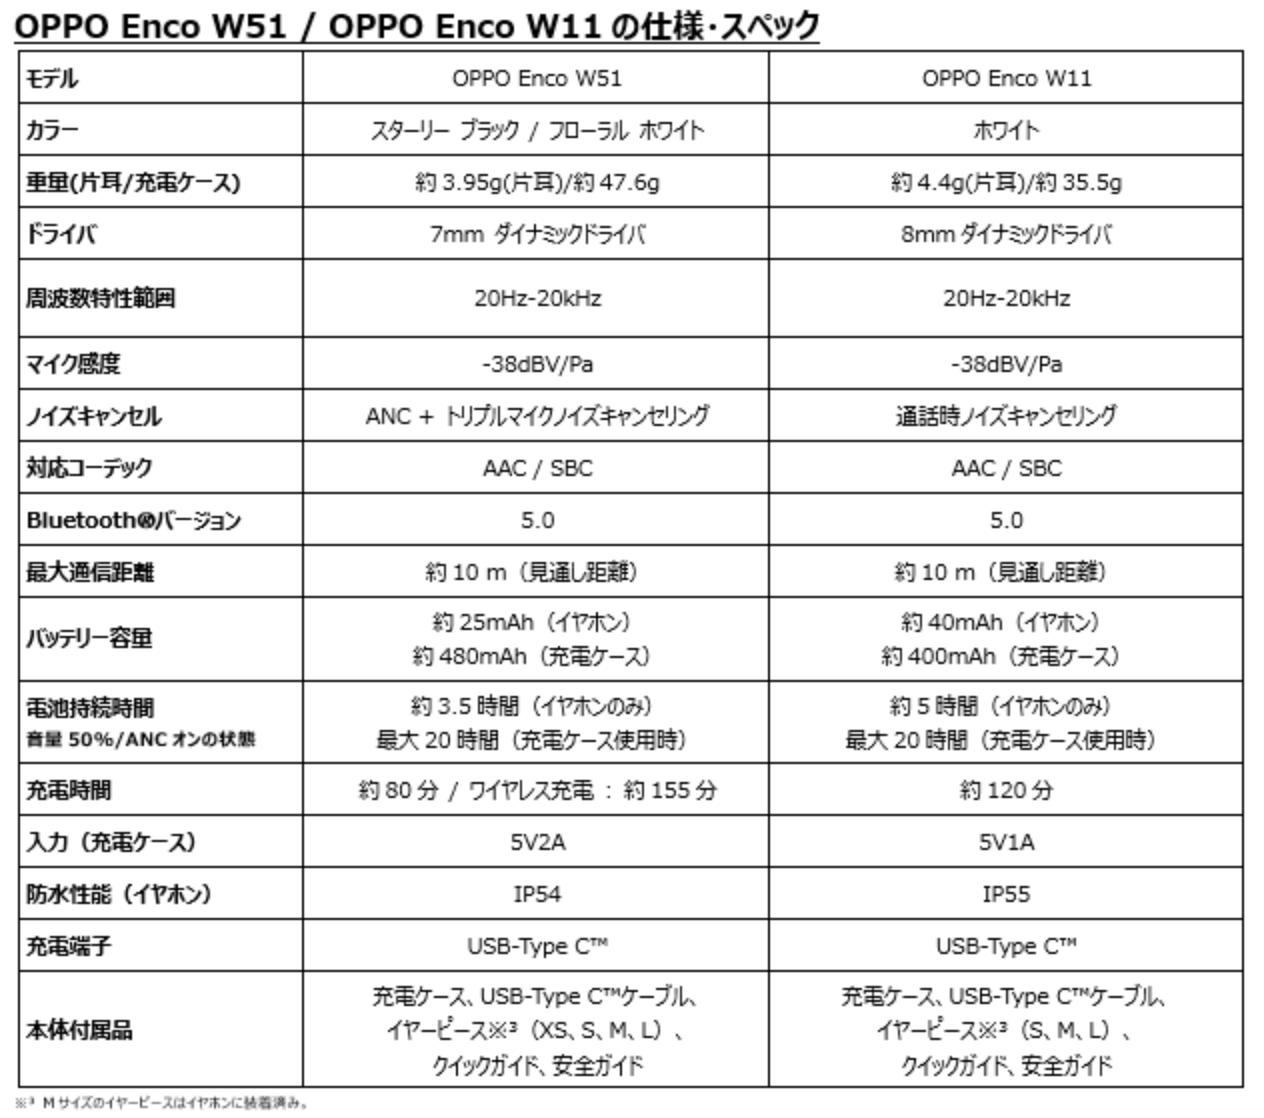 f:id:Azusa_Hirano:20200721170245p:plain